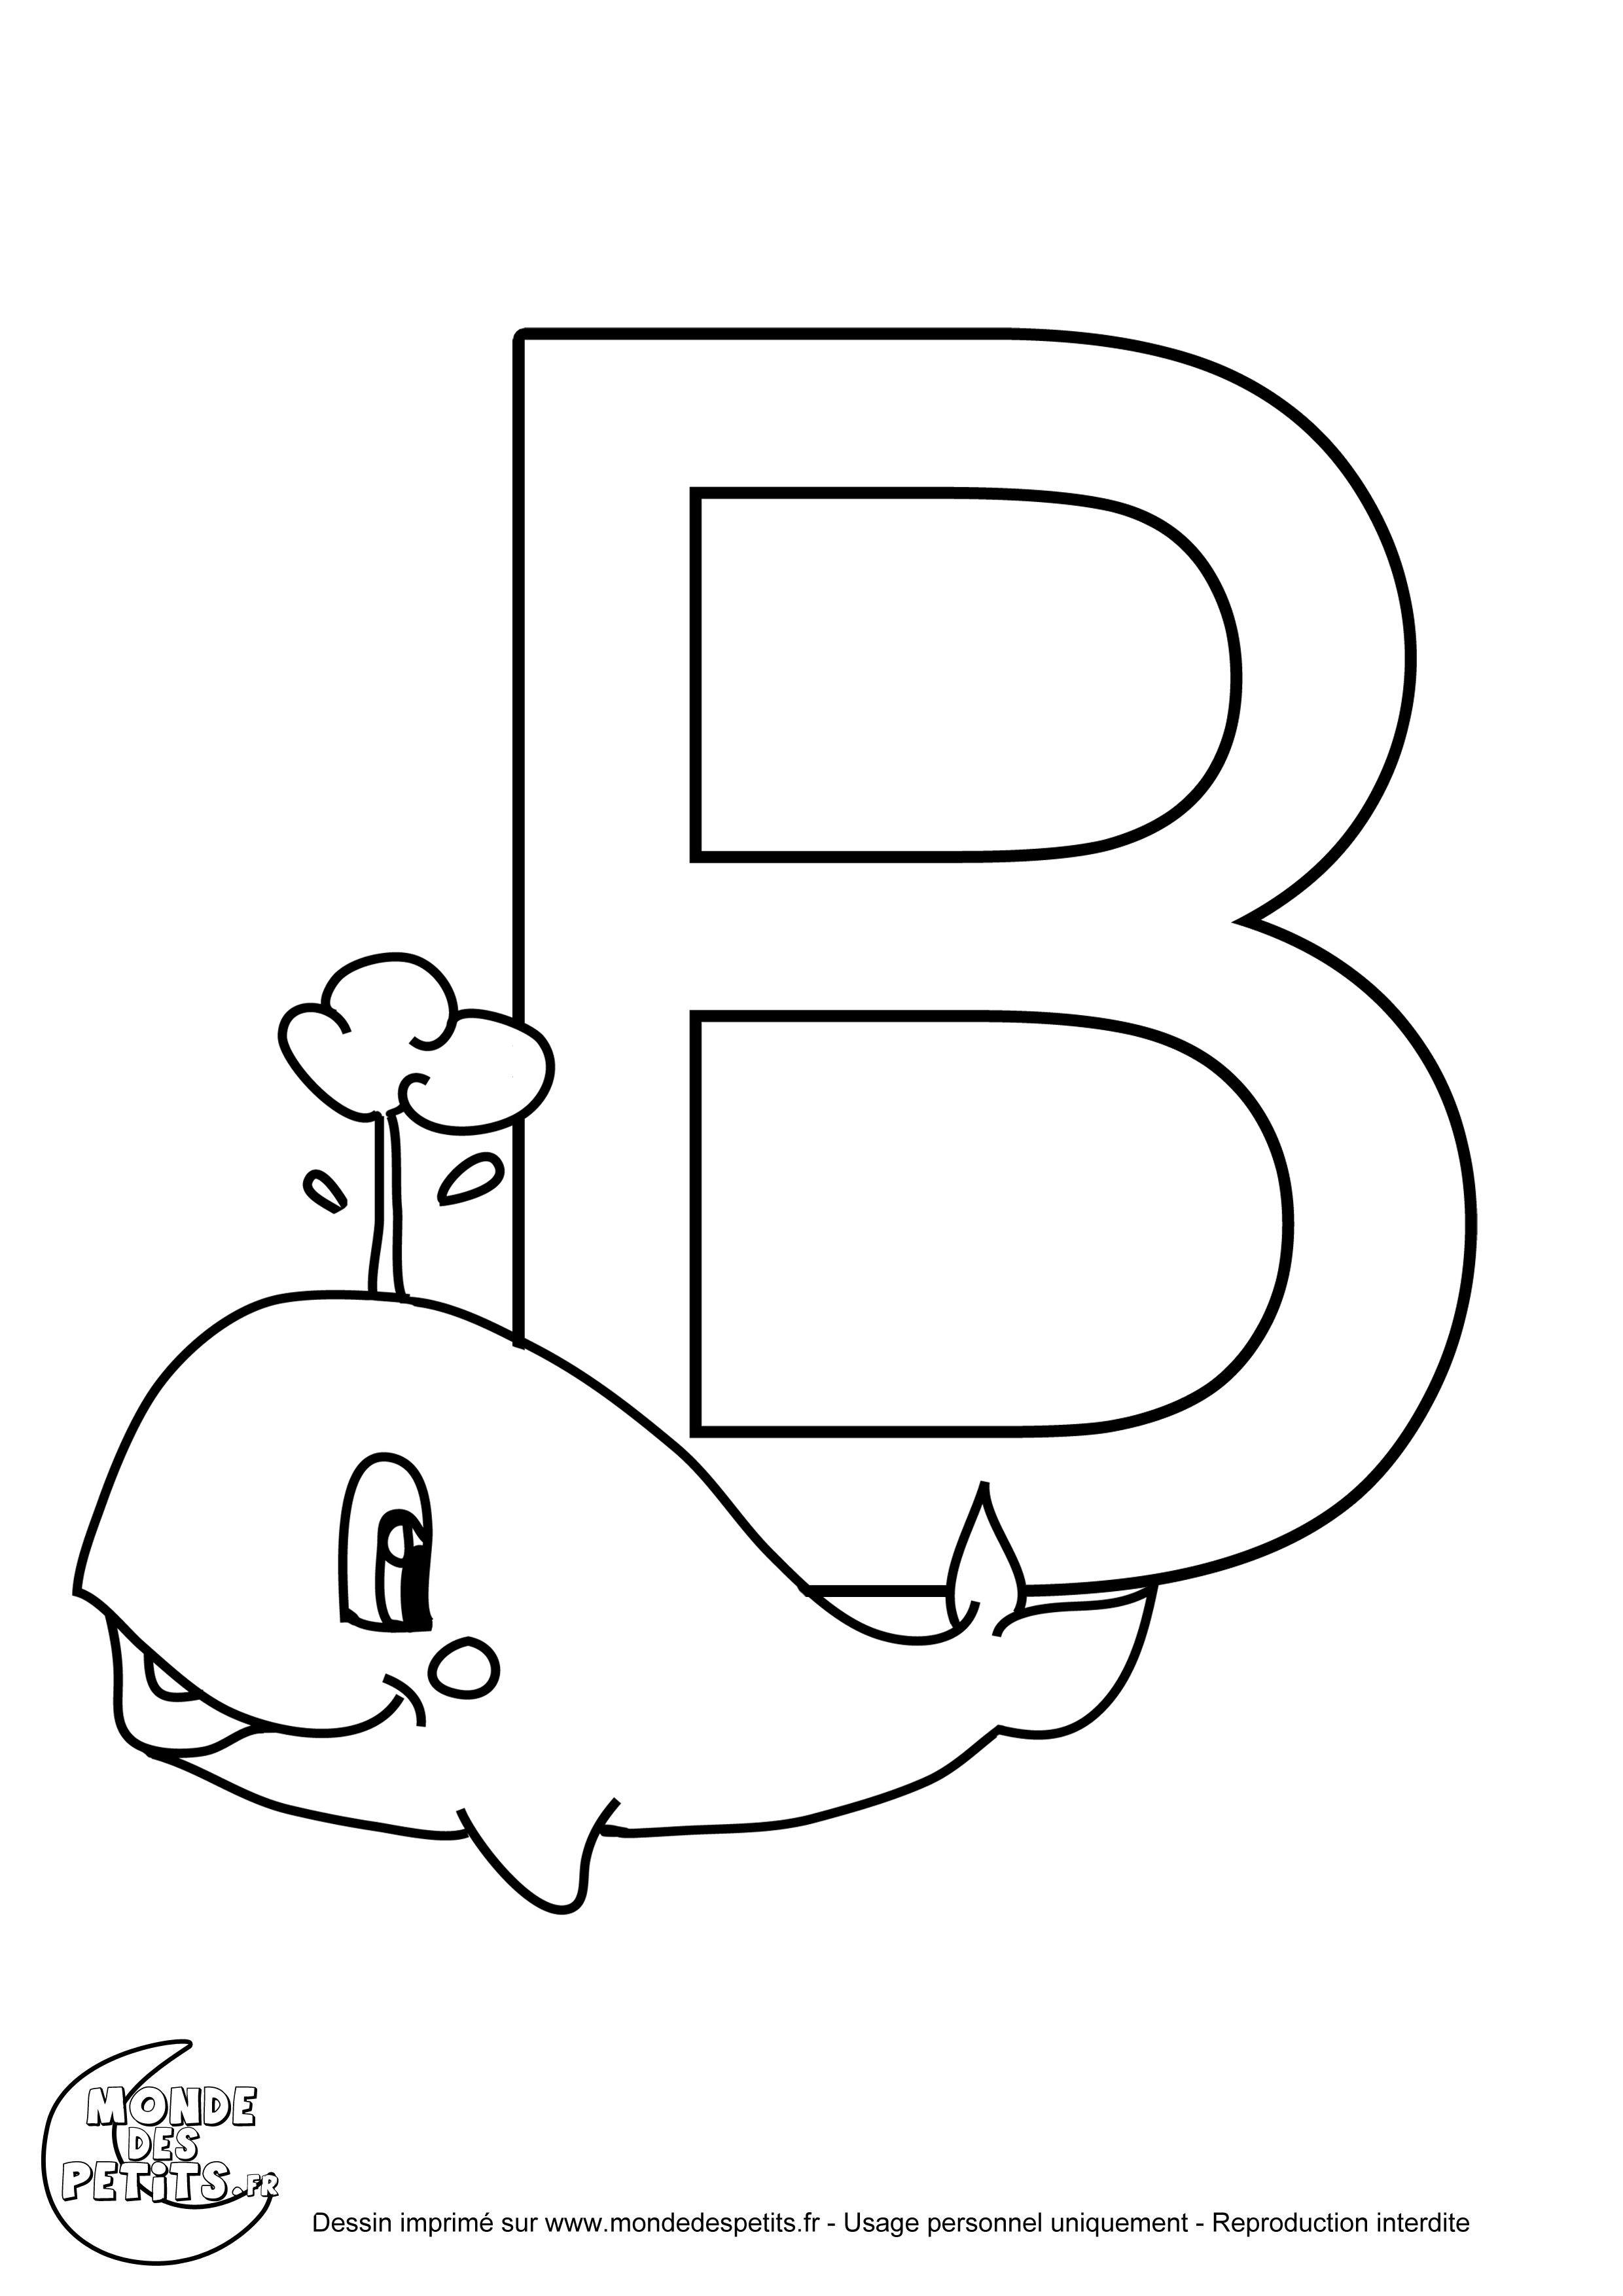 R sultat de recherche d 39 images pour imprimer grandes lettres colorier monde des petits - Grande lettre alphabet a imprimer ...